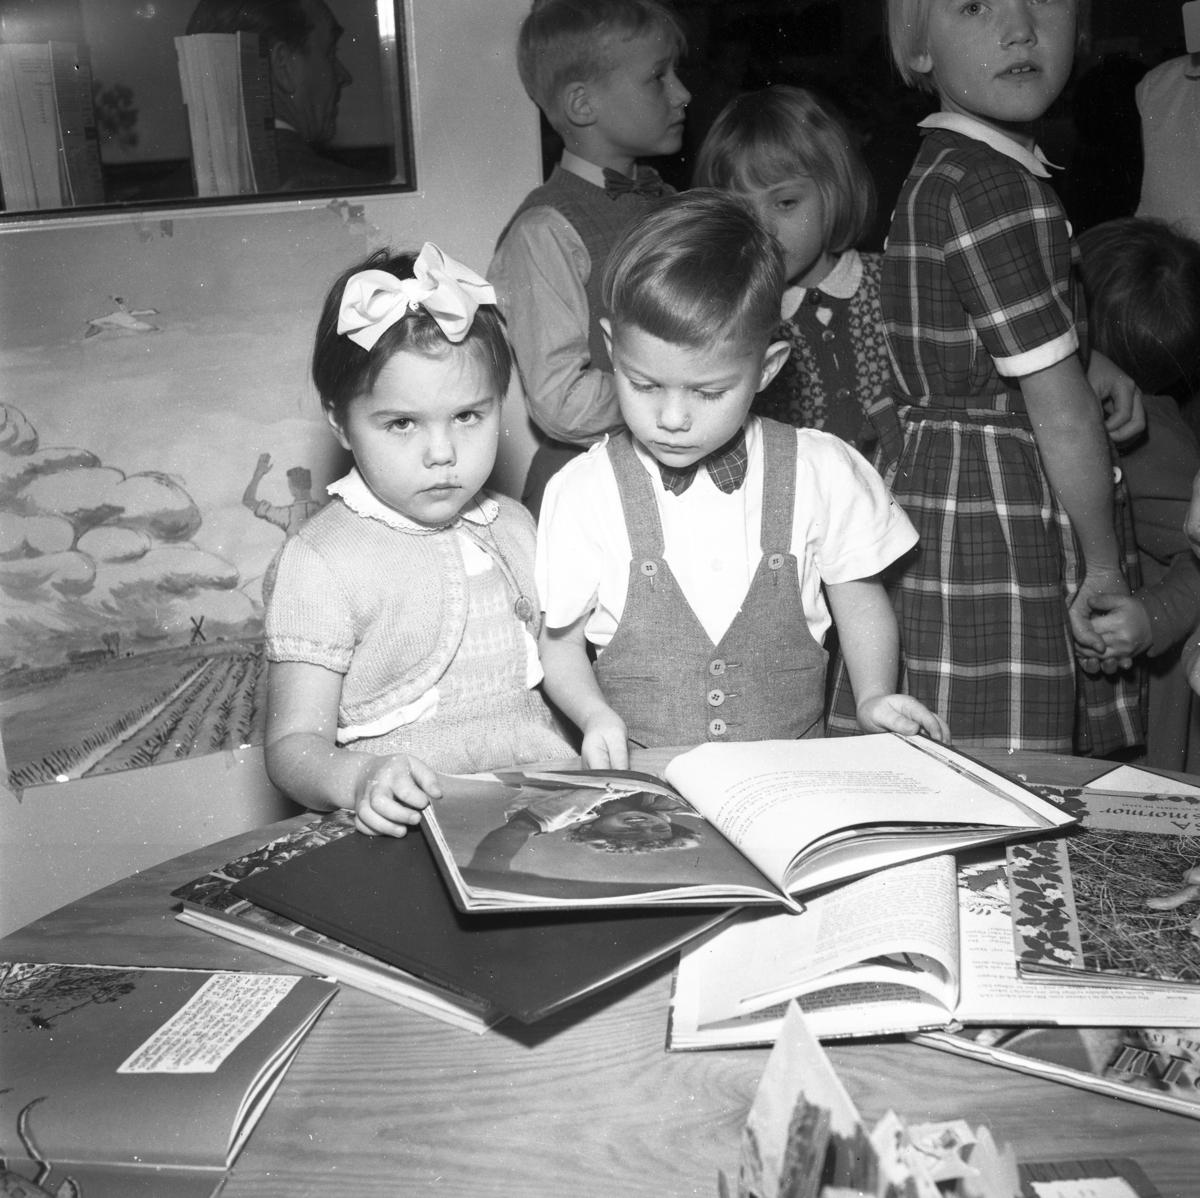 Barnträdgårdsverksamhet. 1950-tal.